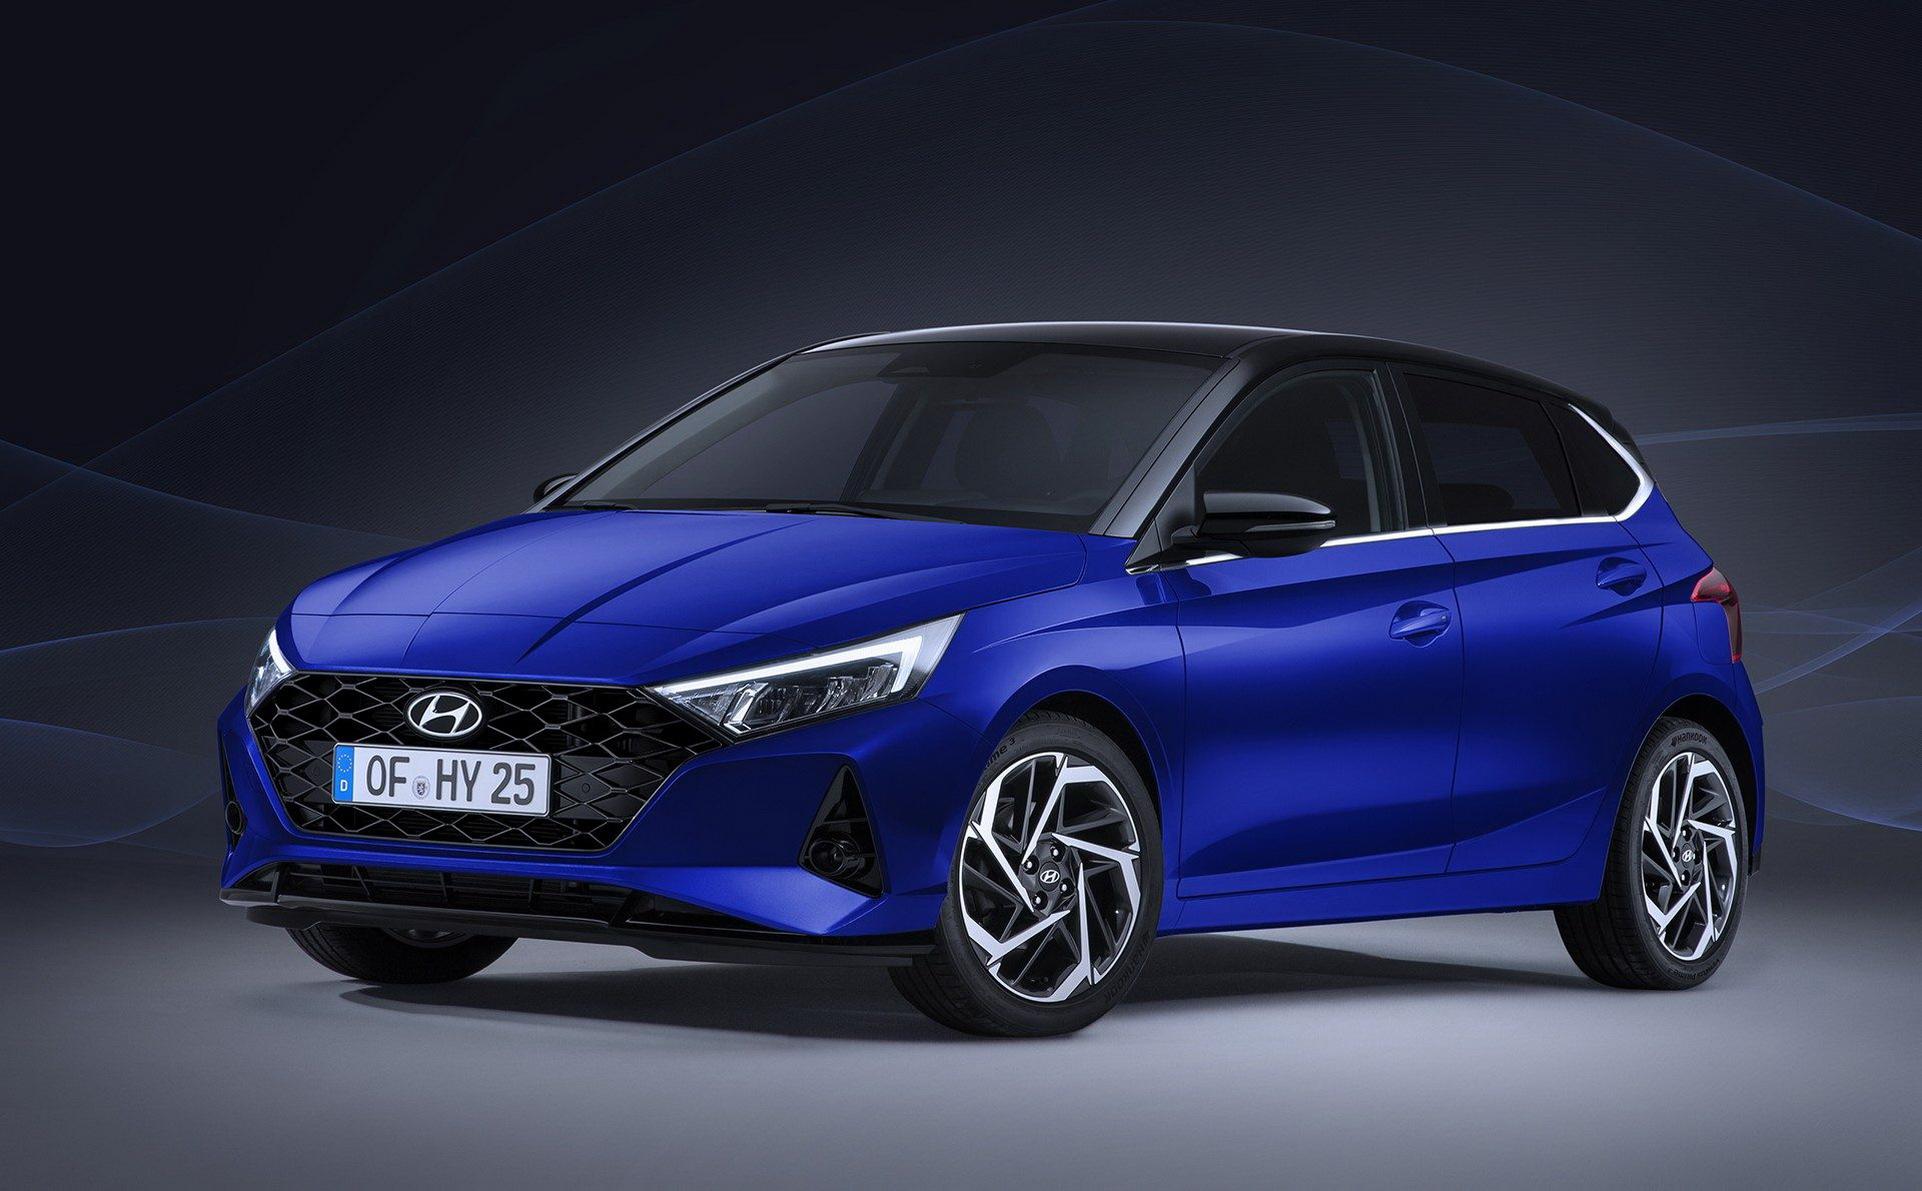 2020 Hyundai i20 leaked ahead of Geneva debut